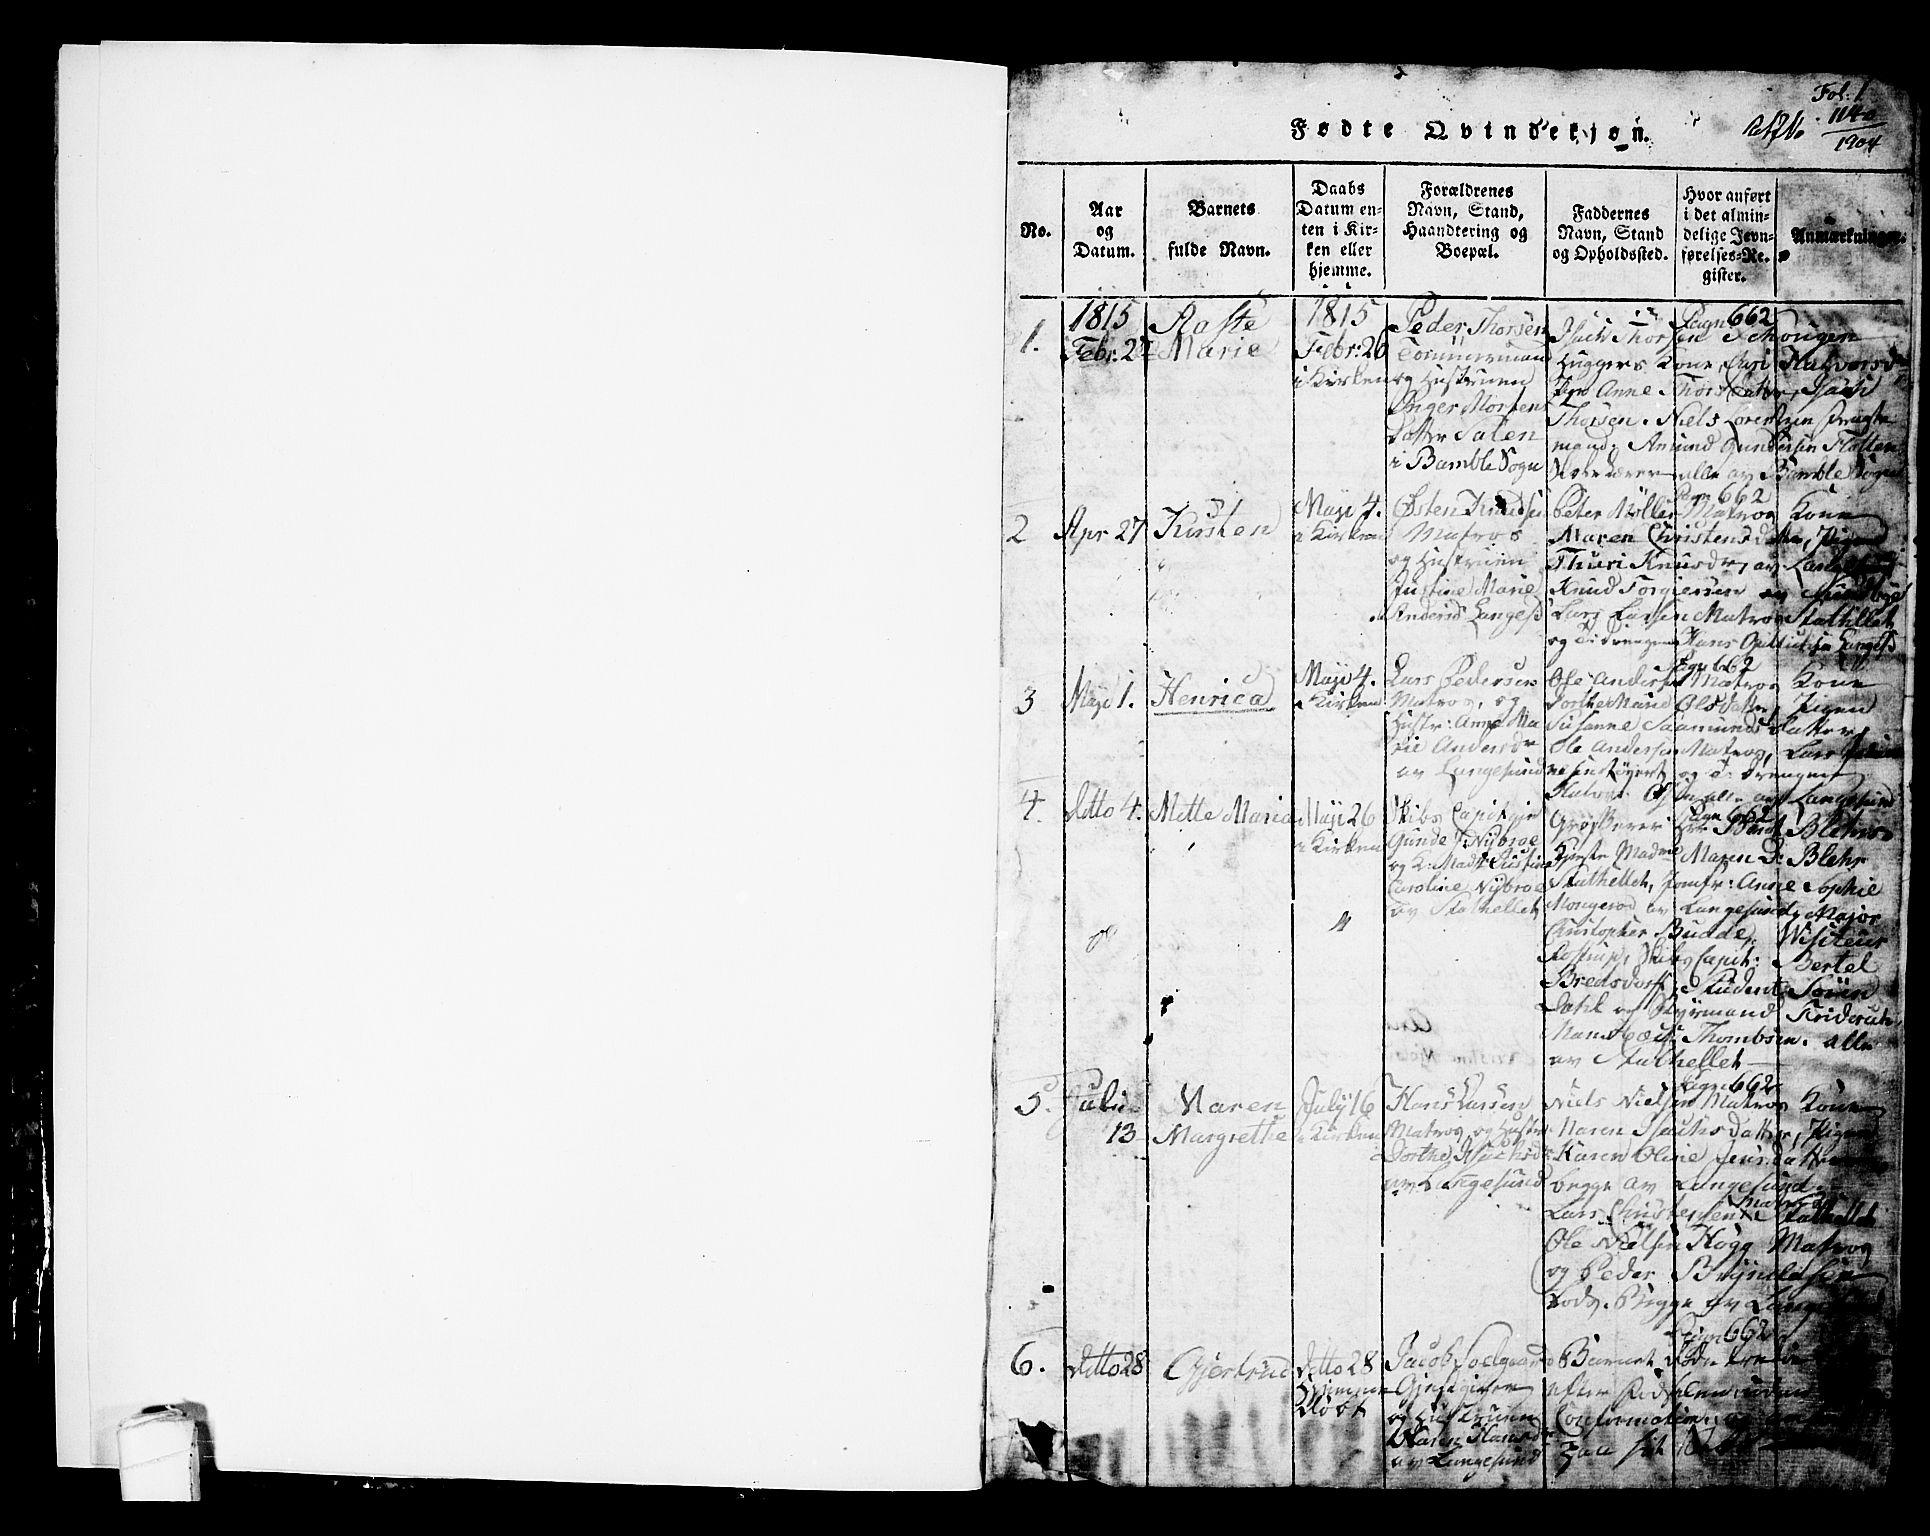 SAKO, Langesund kirkebøker, G/Ga/L0003: Klokkerbok nr. 3, 1815-1858, s. 1